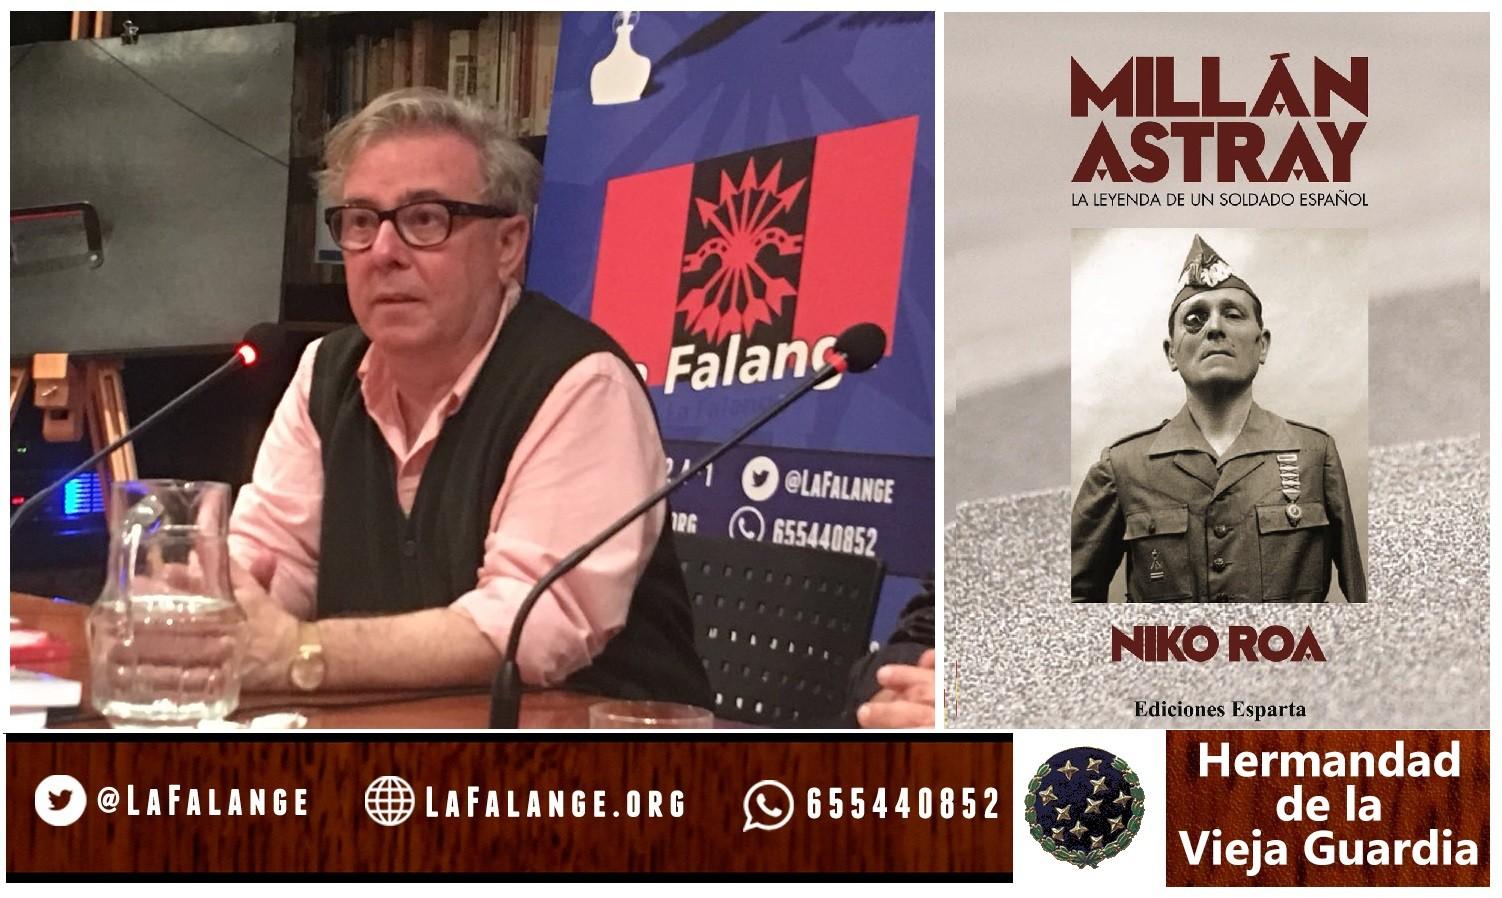 13 de Julio: Viernes cultural sobre Millán Astray con Niko Roa